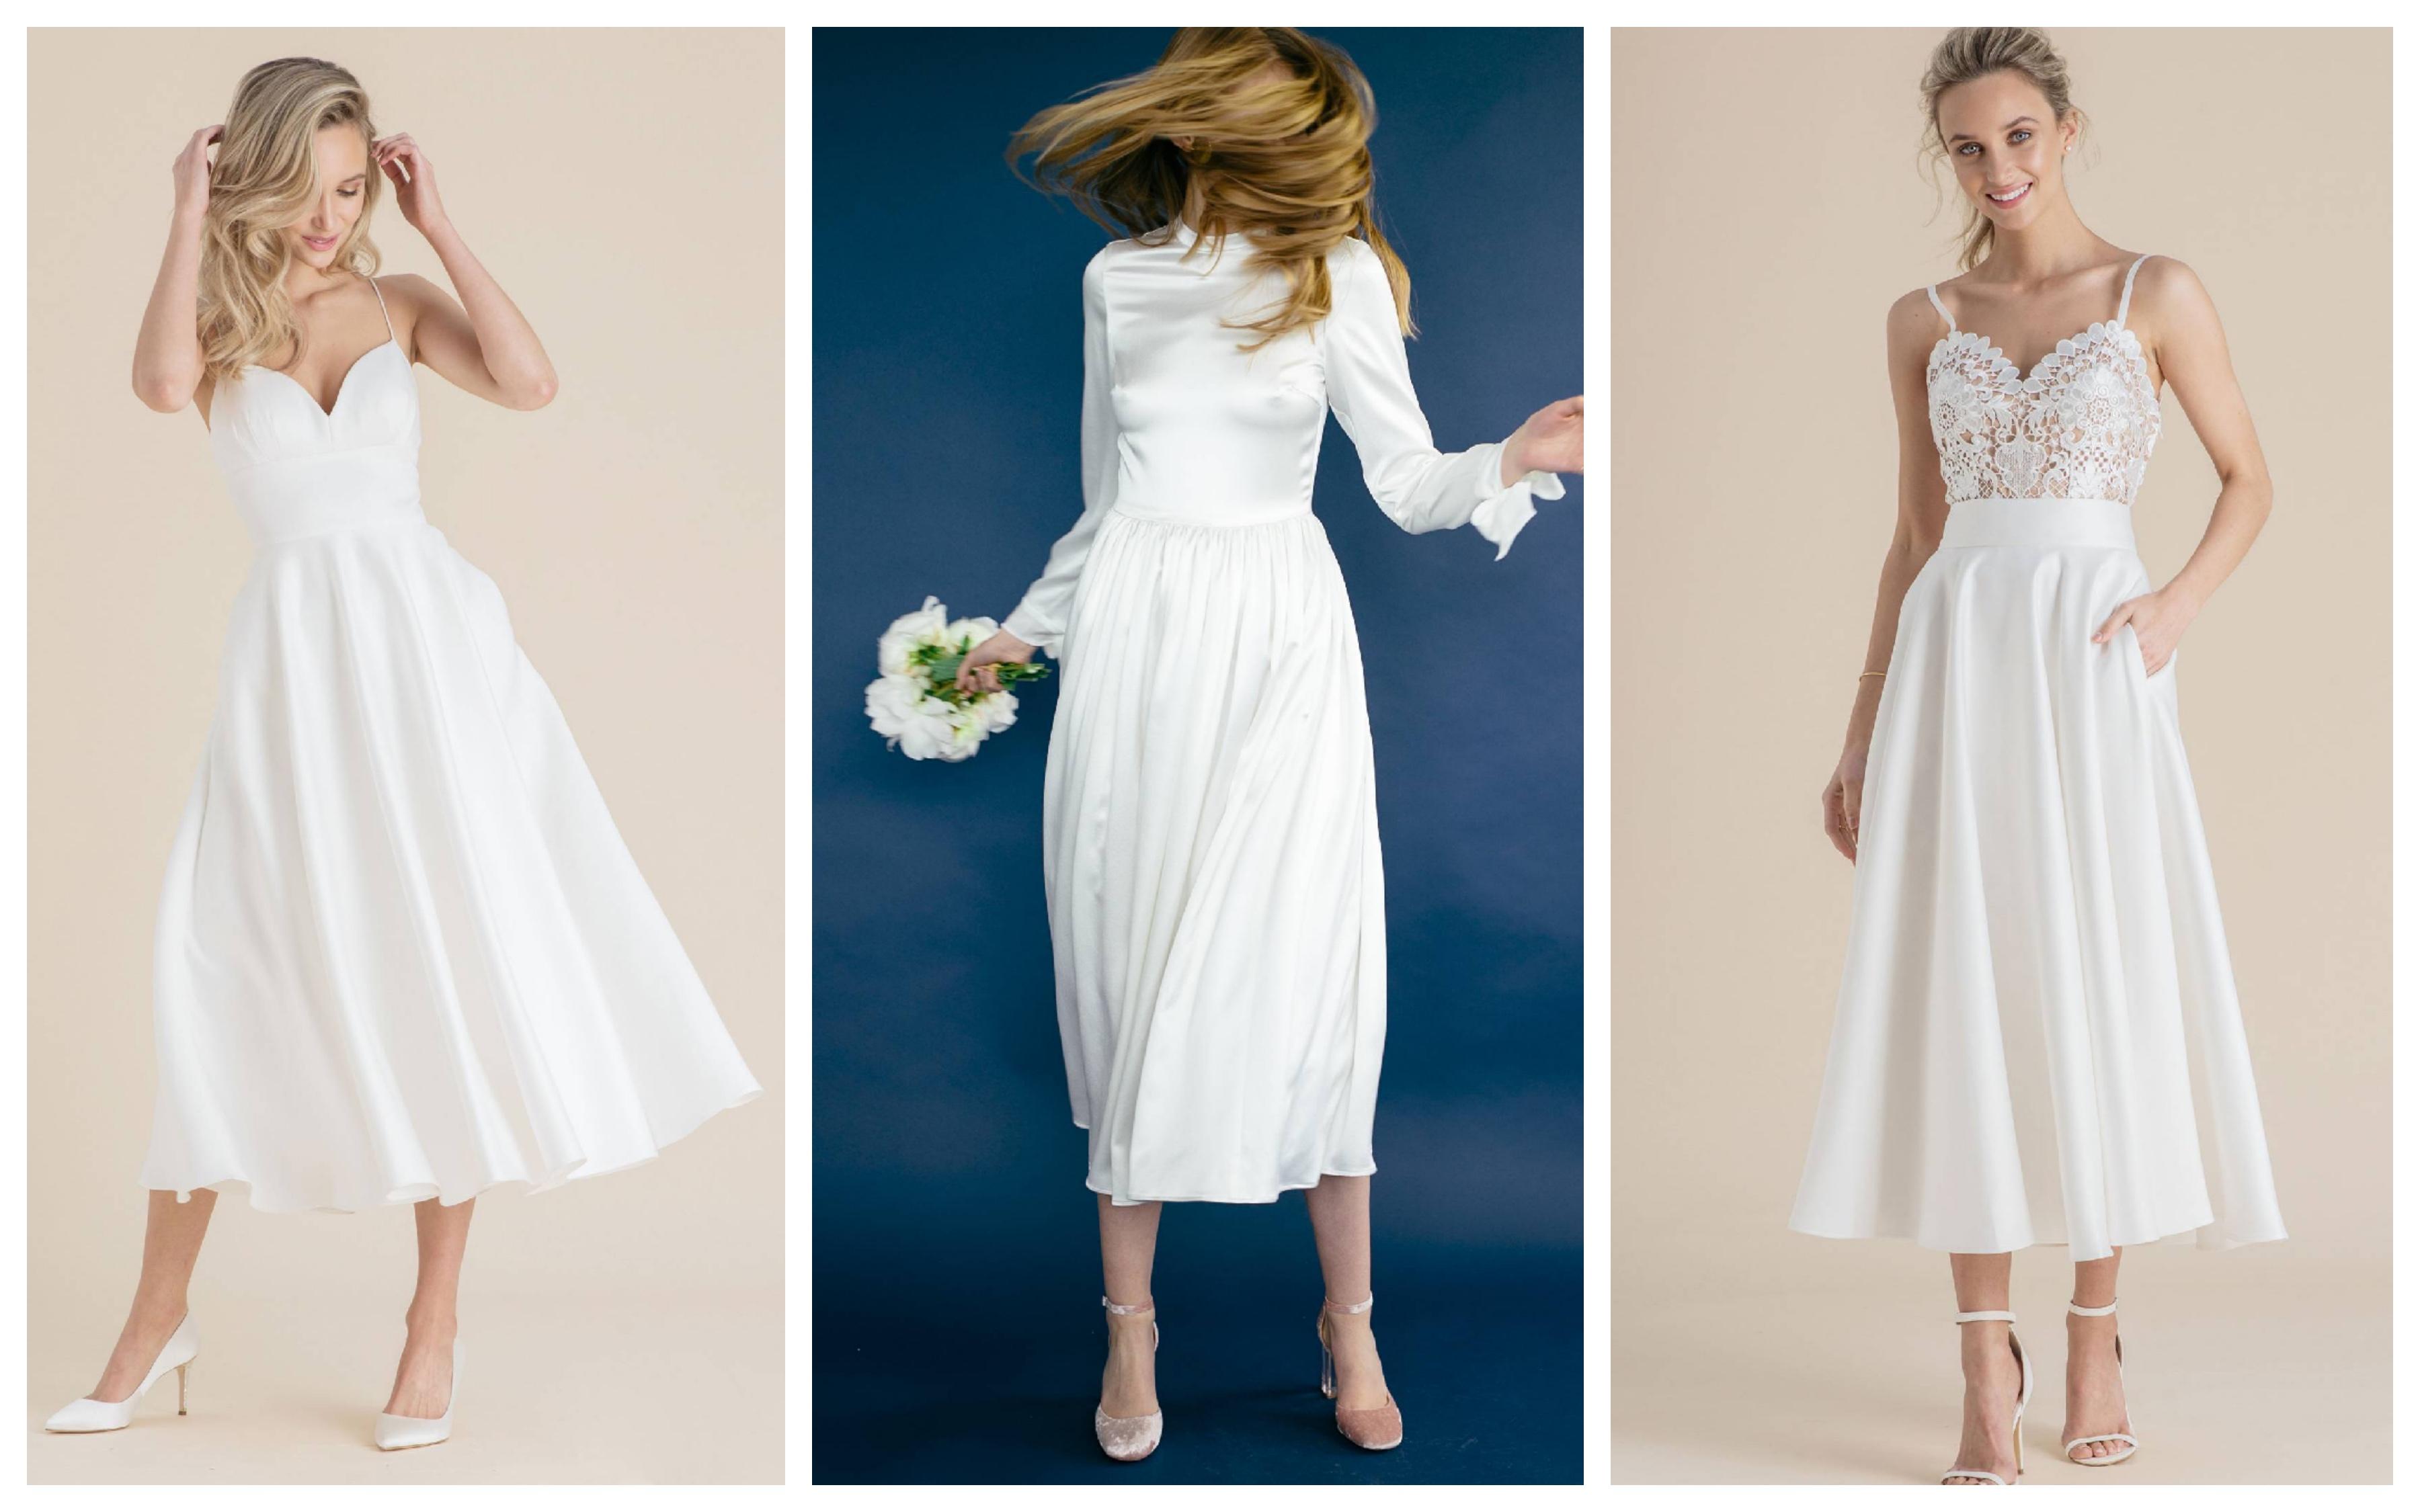 Свадебное платье с укороченной юбкой 2019